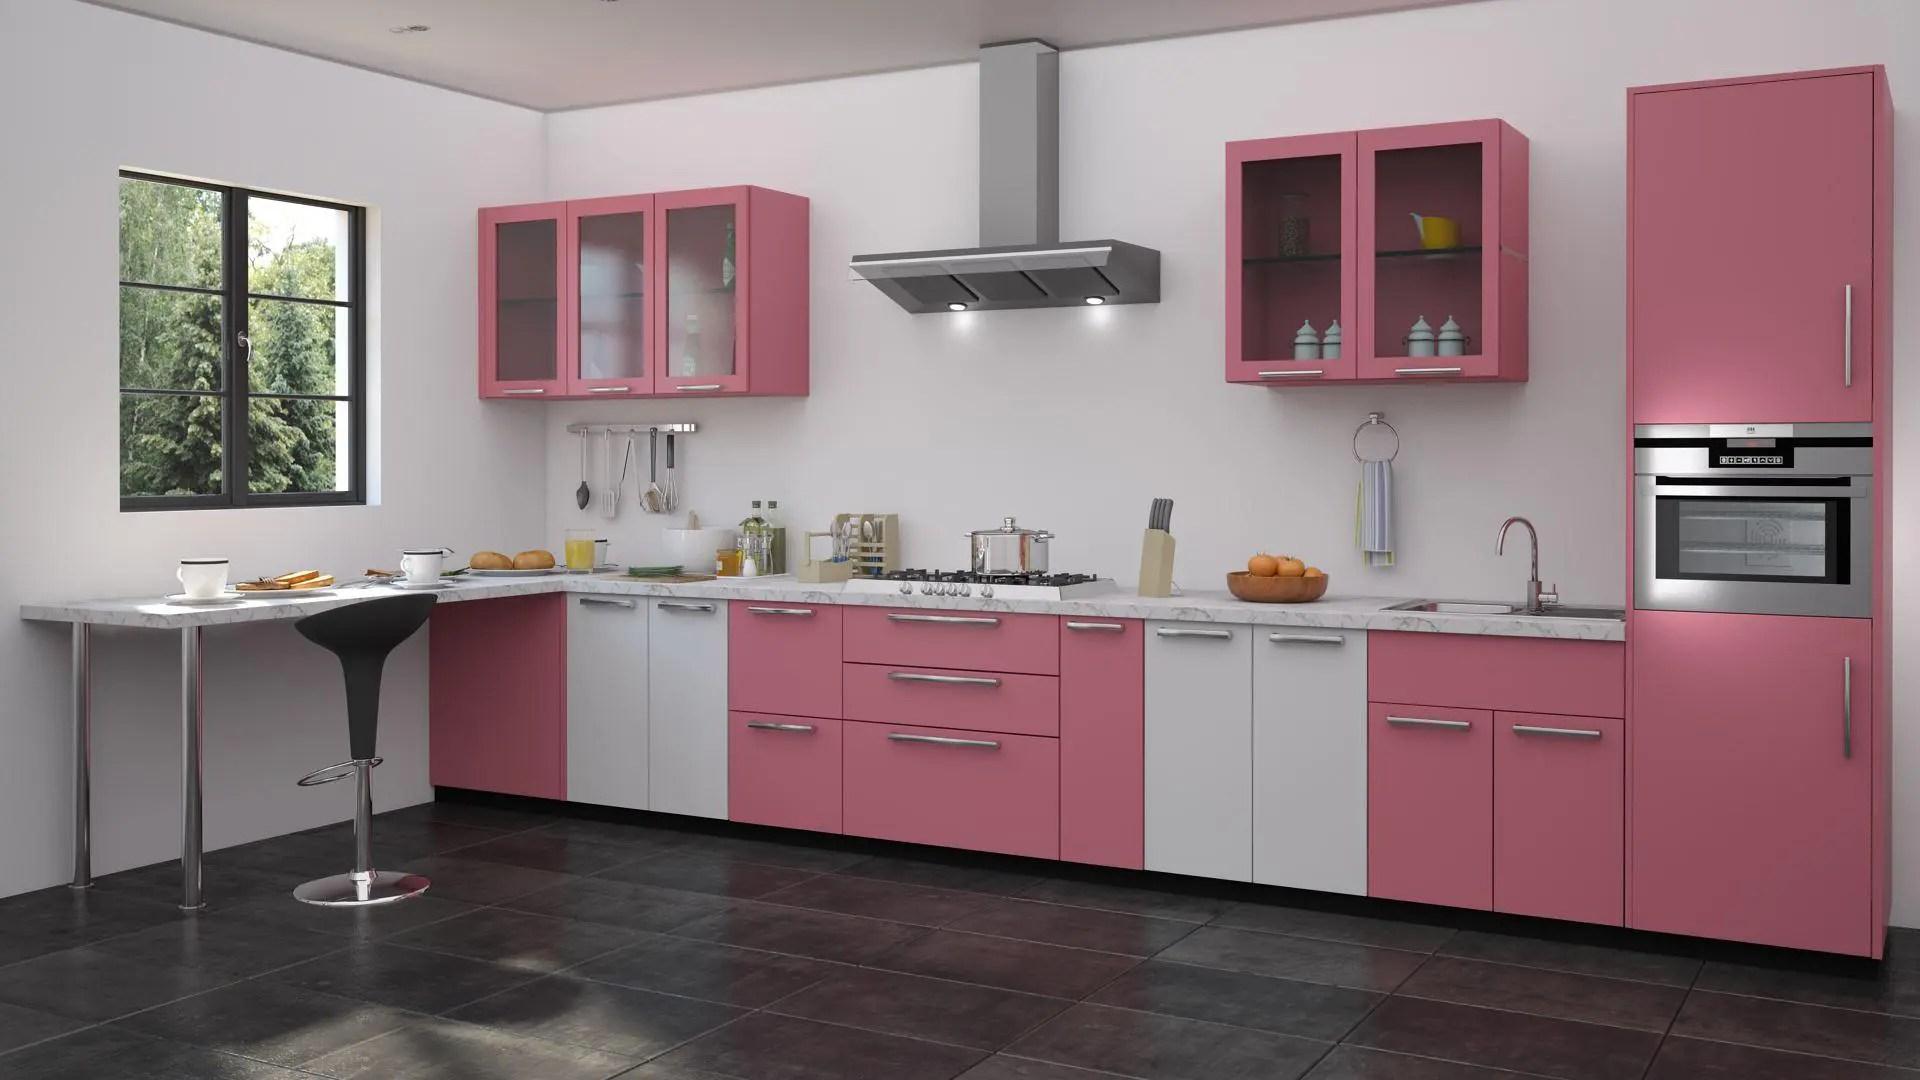 10 magnifiques cuisines roses qui feront craquer les